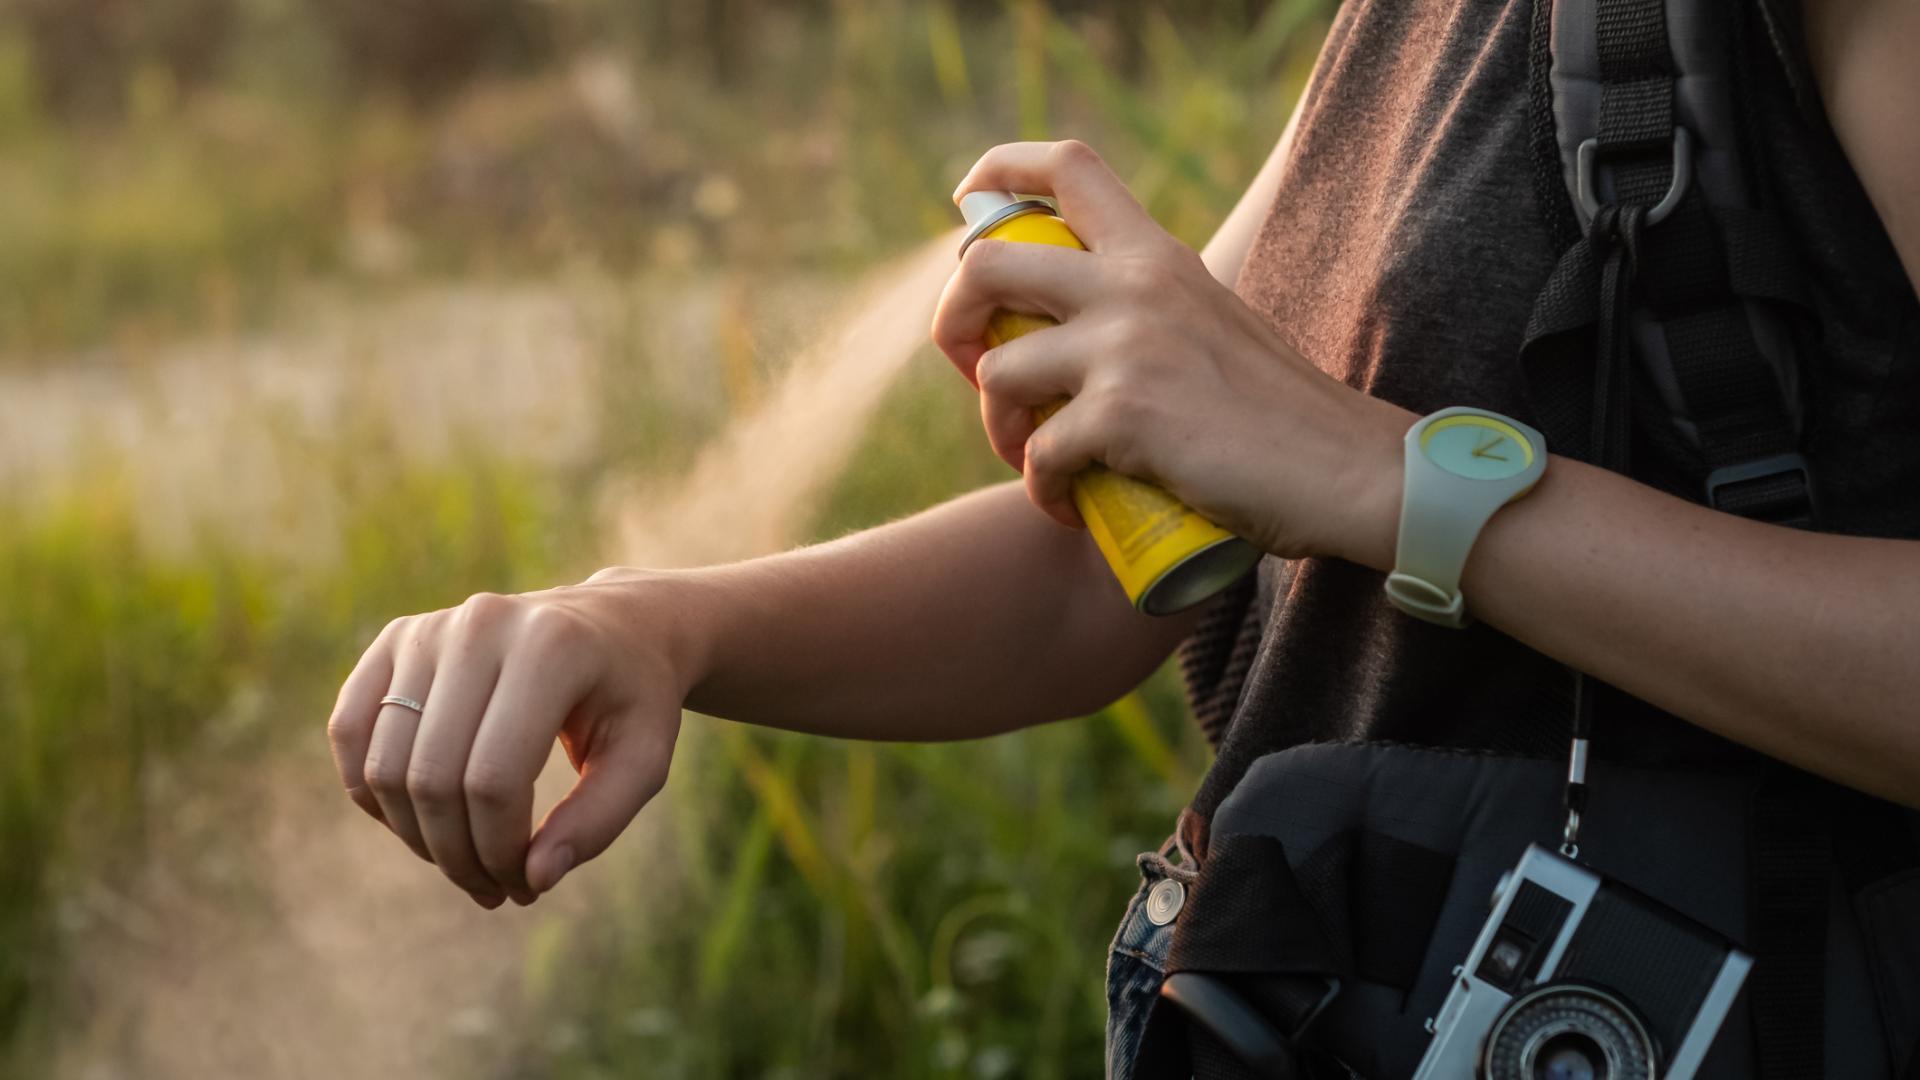 Frau sprüht sich Mückenspray auf den Arm